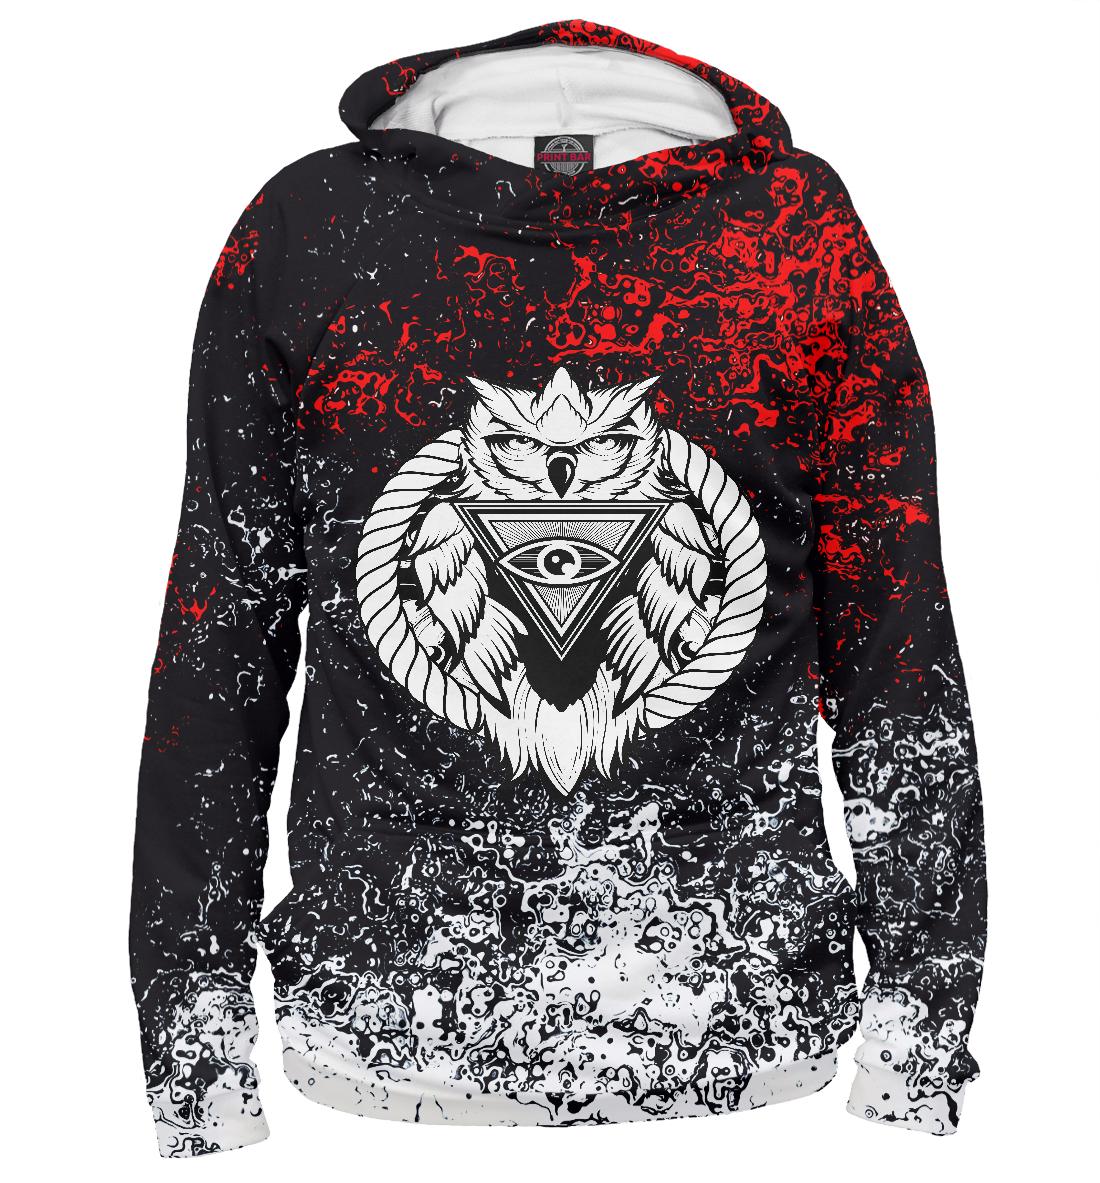 Купить Сова, Printbar, Худи, OWL-860021-hud-2